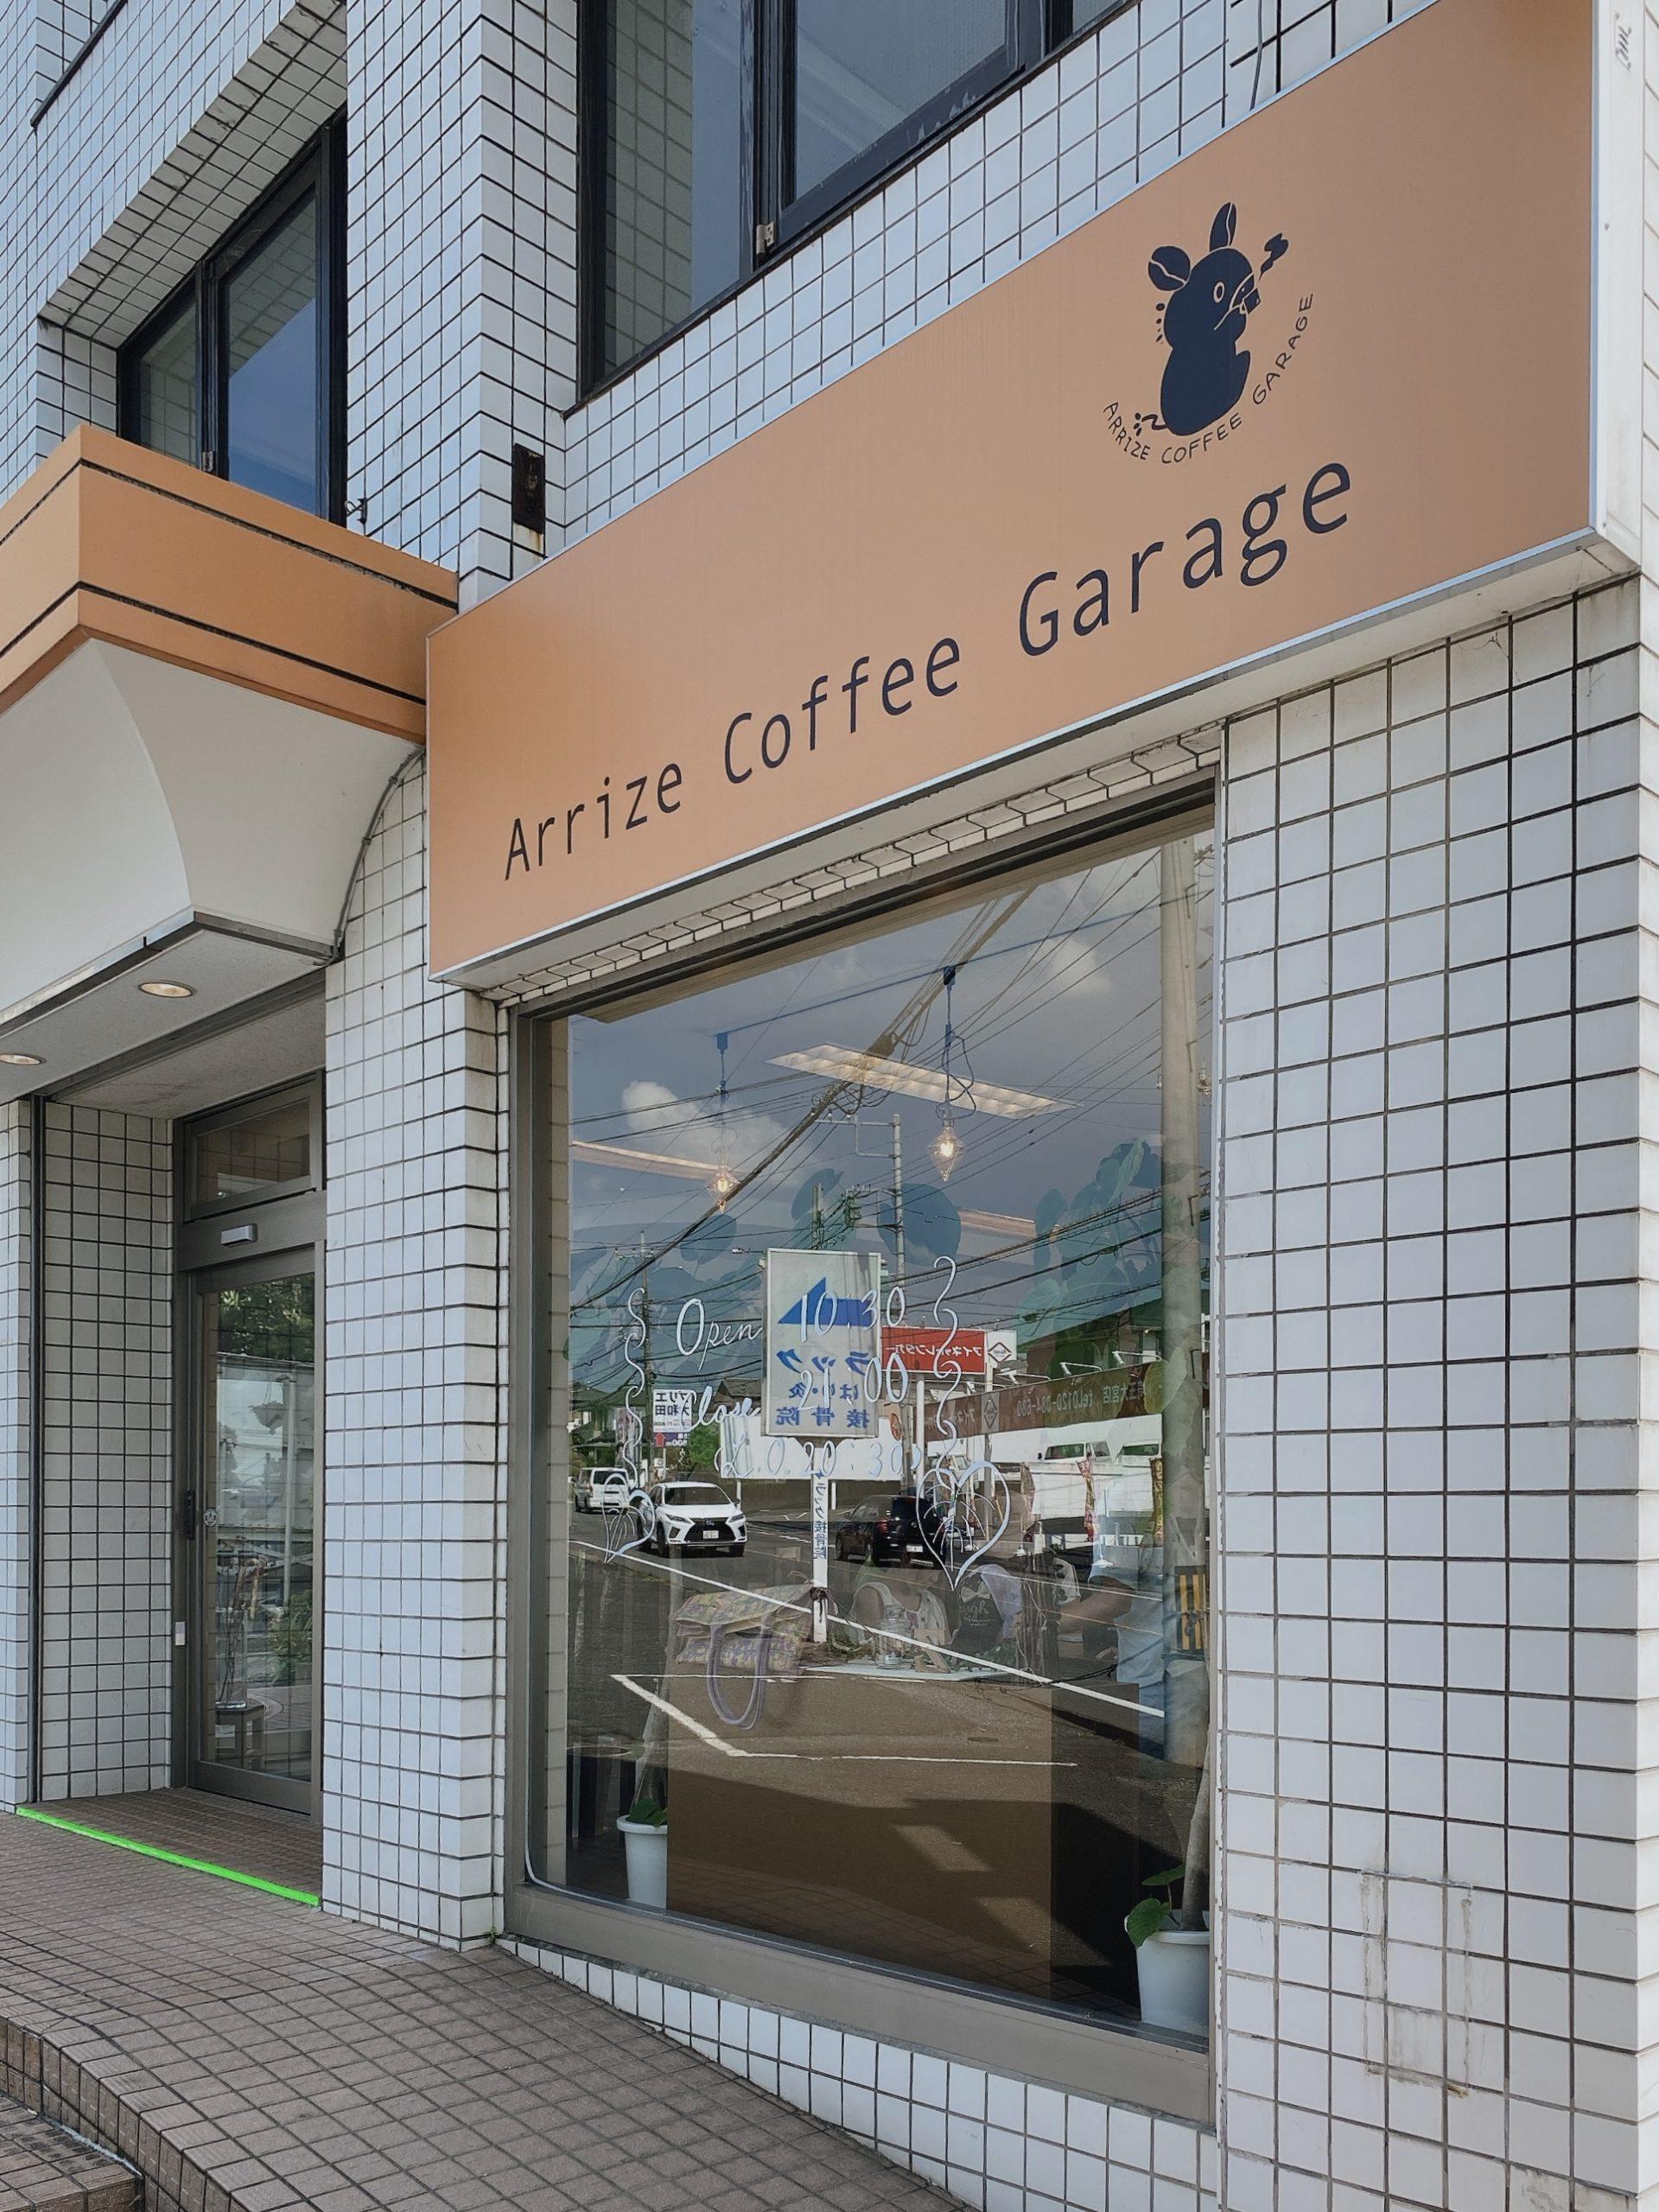 見沼区大和田町 Arrize Coffee Garage アライズコーヒーガレージ